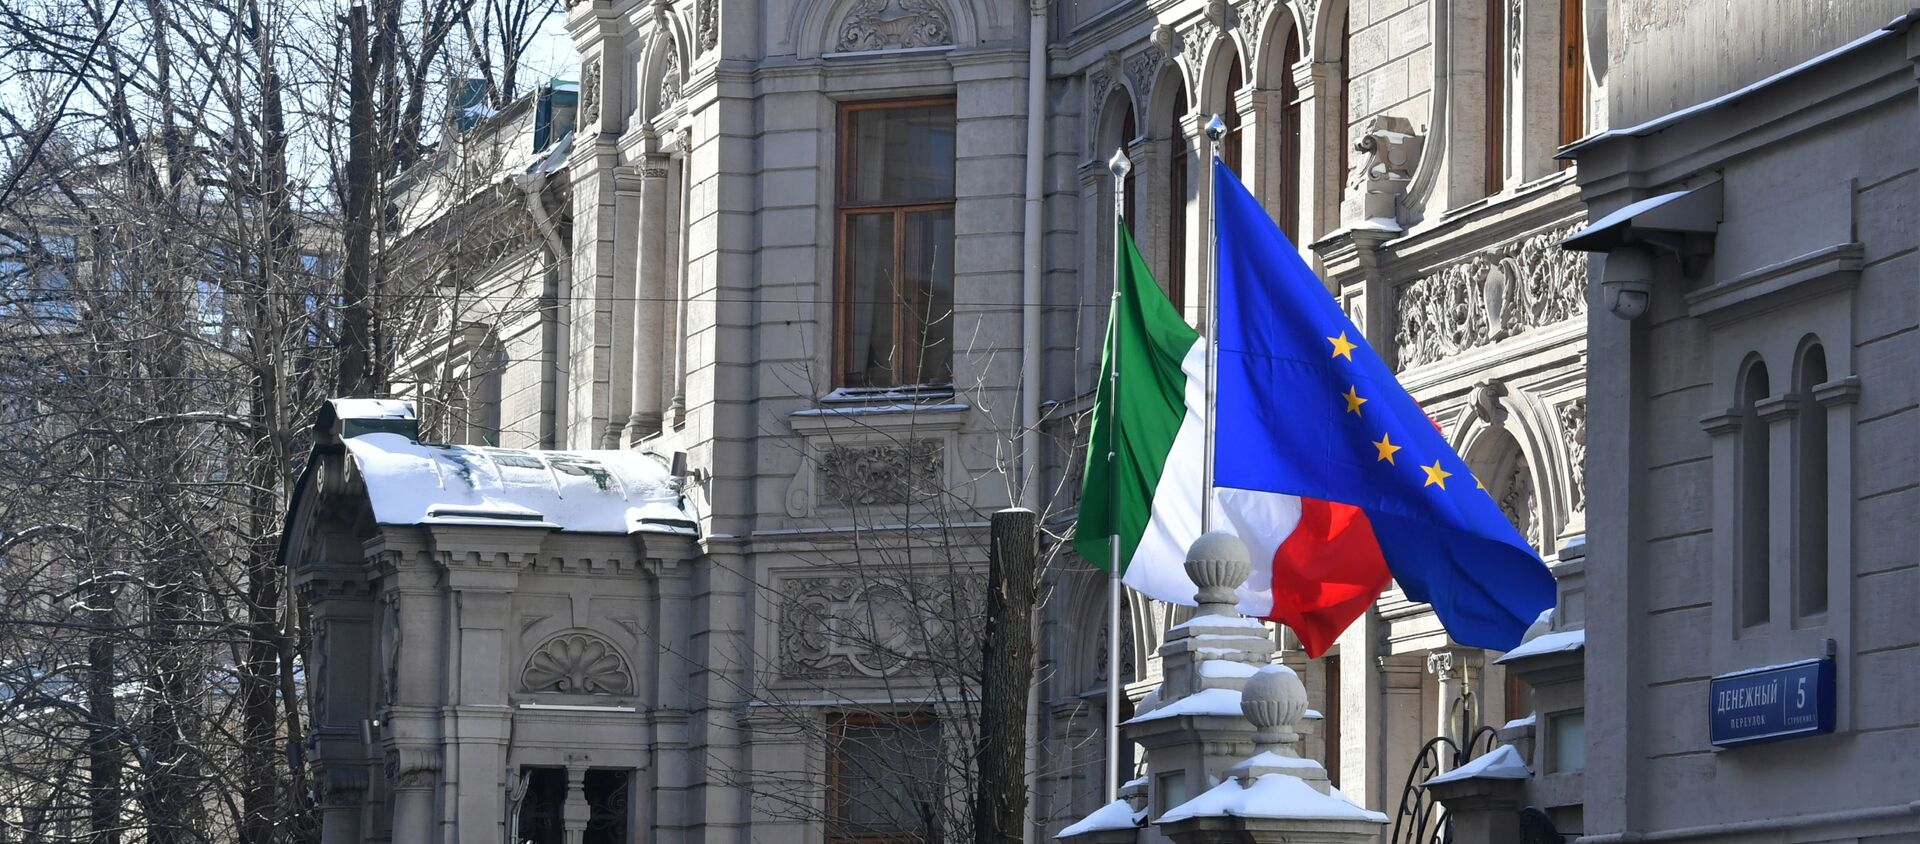 Ambasciata italiana a Mosca - Sputnik Italia, 1920, 23.02.2021